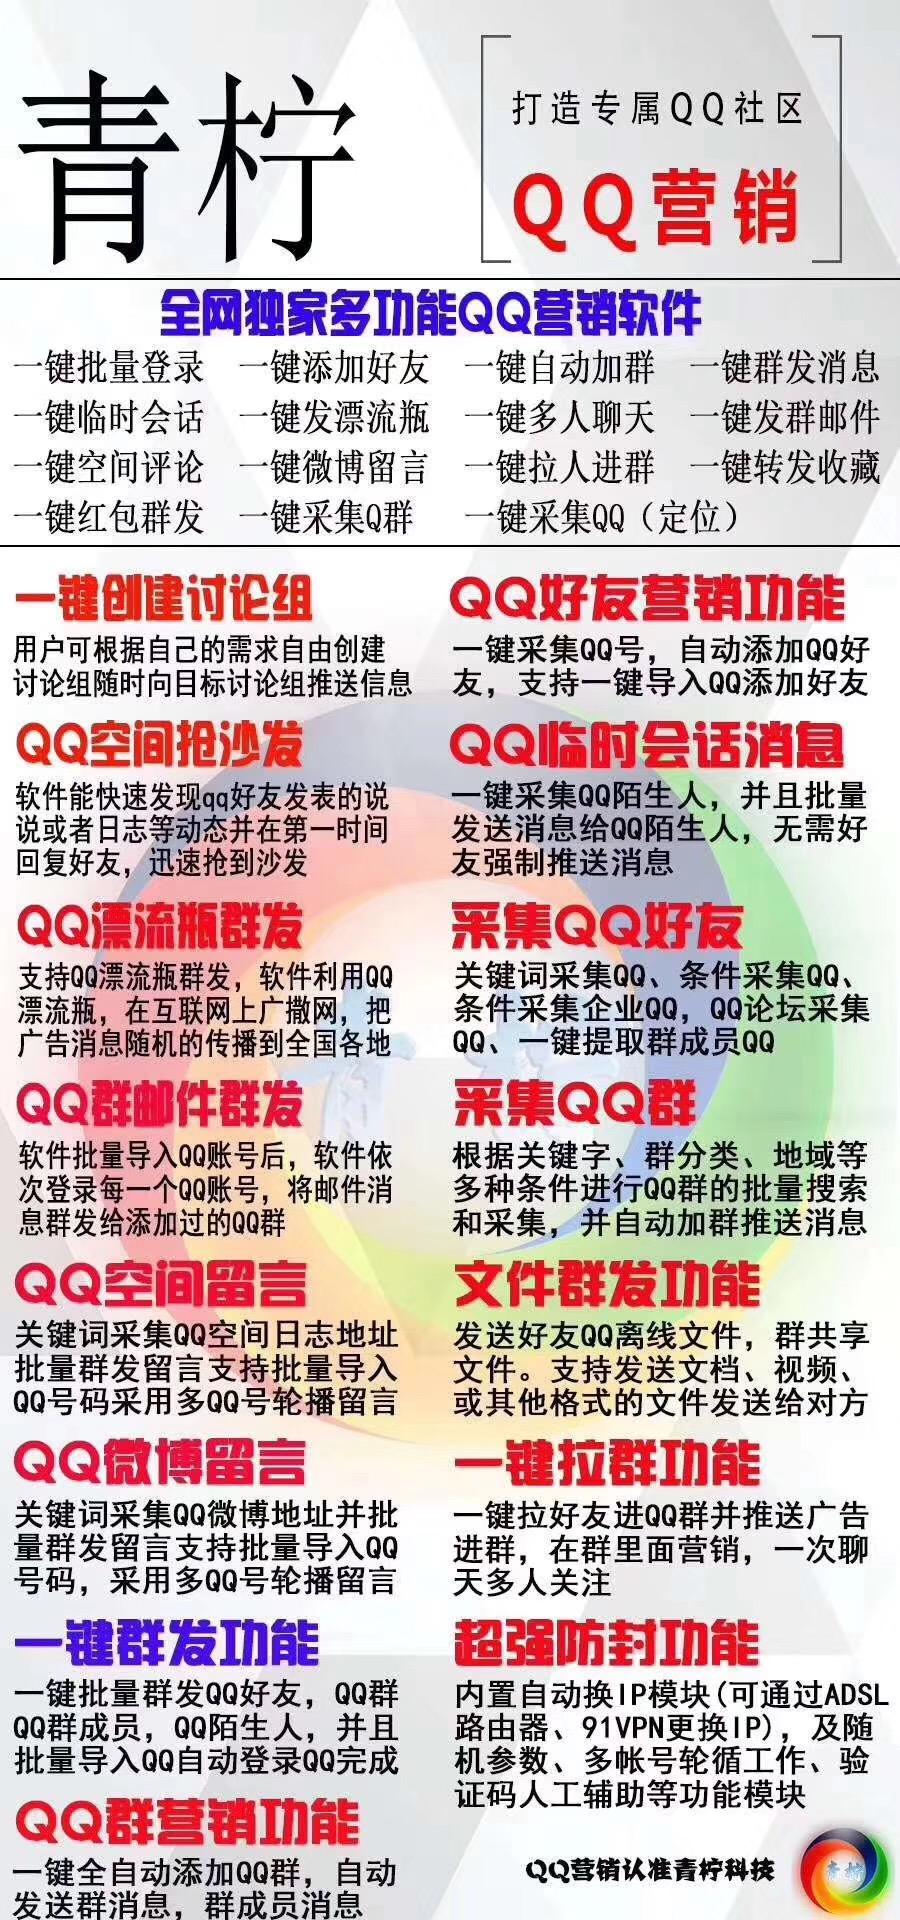 【青柠QQ营销】月卡年卡一键批量登录  一键添加好友  一键自动加群一键多人聊天  一键发群邮件  一键空间评论